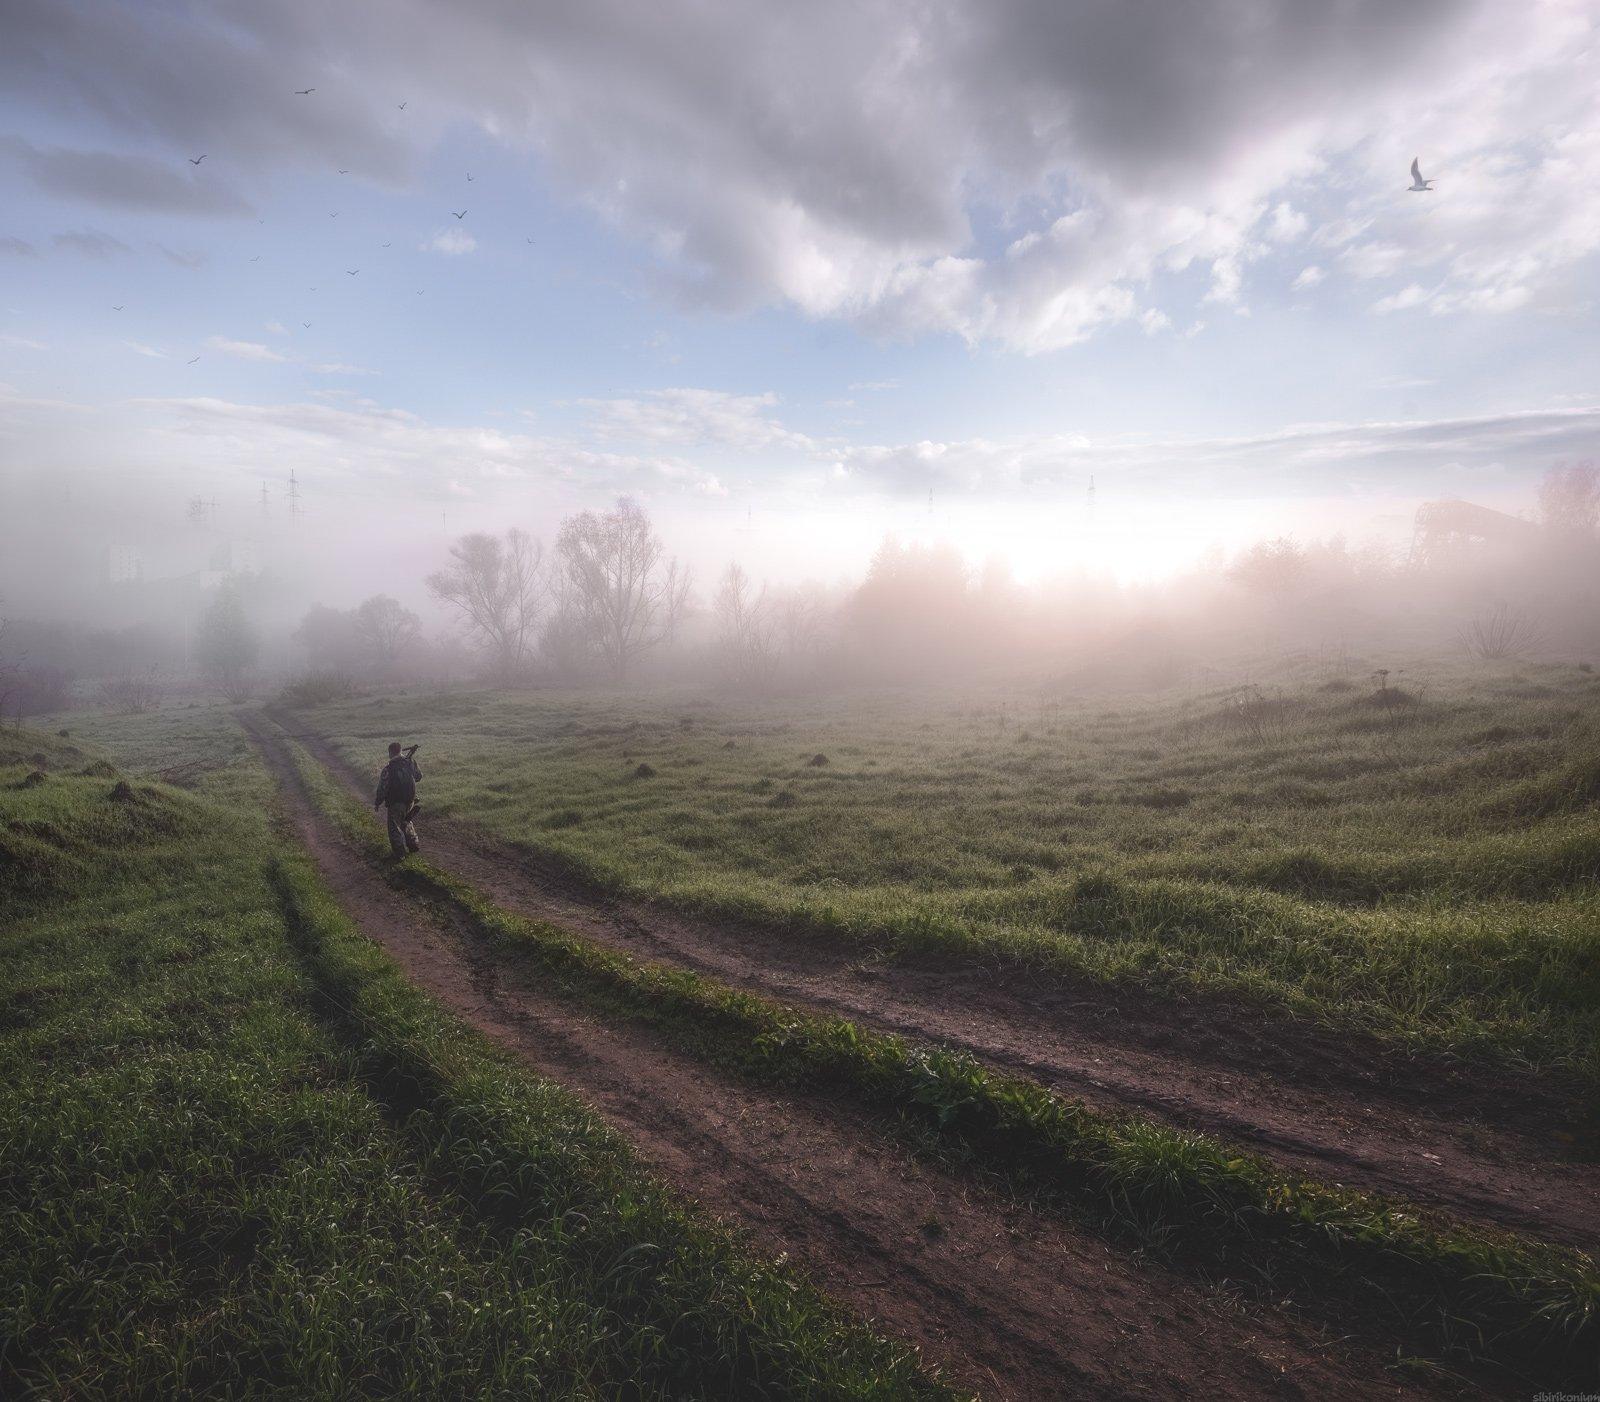 #пейзаж #весна #подмосковье #чехов #красиво #природа #утро #рассвет, Морозов Юрий